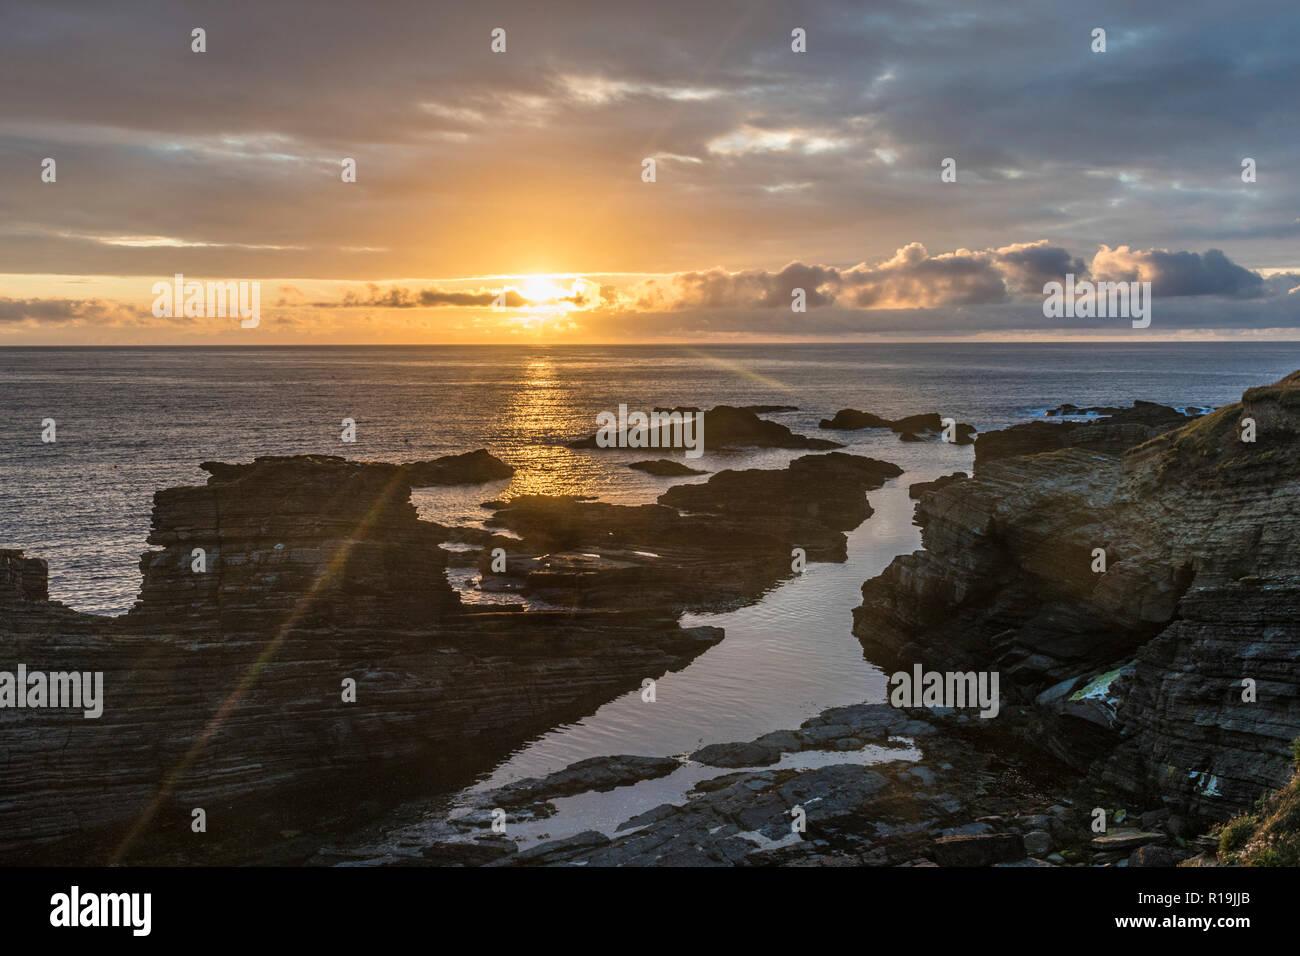 Birsay sunset, orkney Mainland. - Stock Image